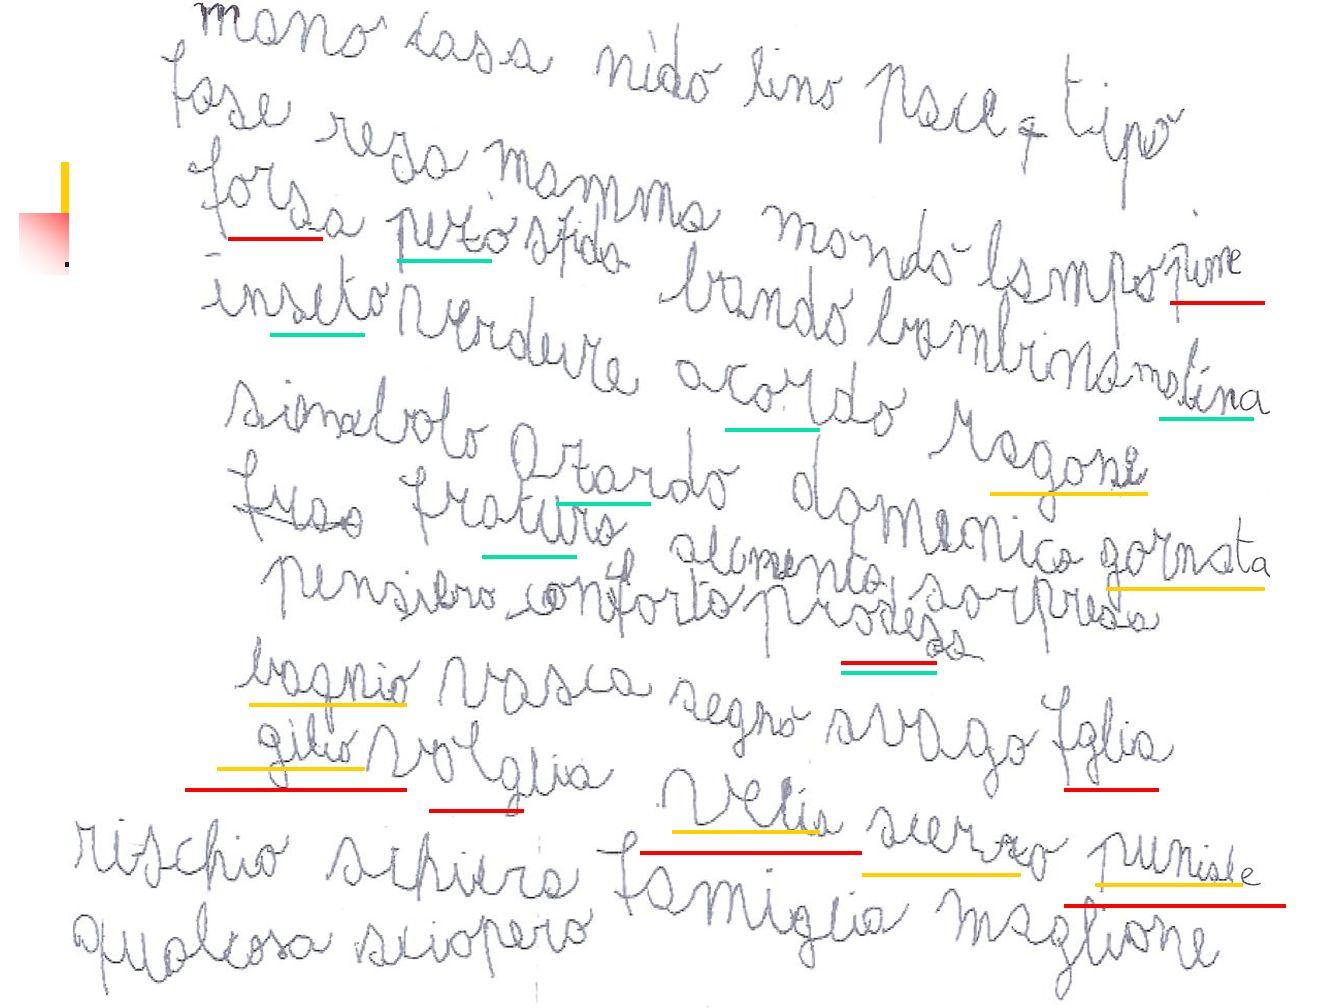 - screening II elementare- AID Lettura ad alta voce e lettura silente La lettura ad alta voce E necessari per imparare a decifrare Favorisce il recupero dellattenzione Permette il controllo esterno dellesecuzione La lettura silente Si apprende dopo aver imparato a decifrare Non richiede larticolazione orale delle Parole Favorisce la comprensione Non è controllabile, ma verificabile